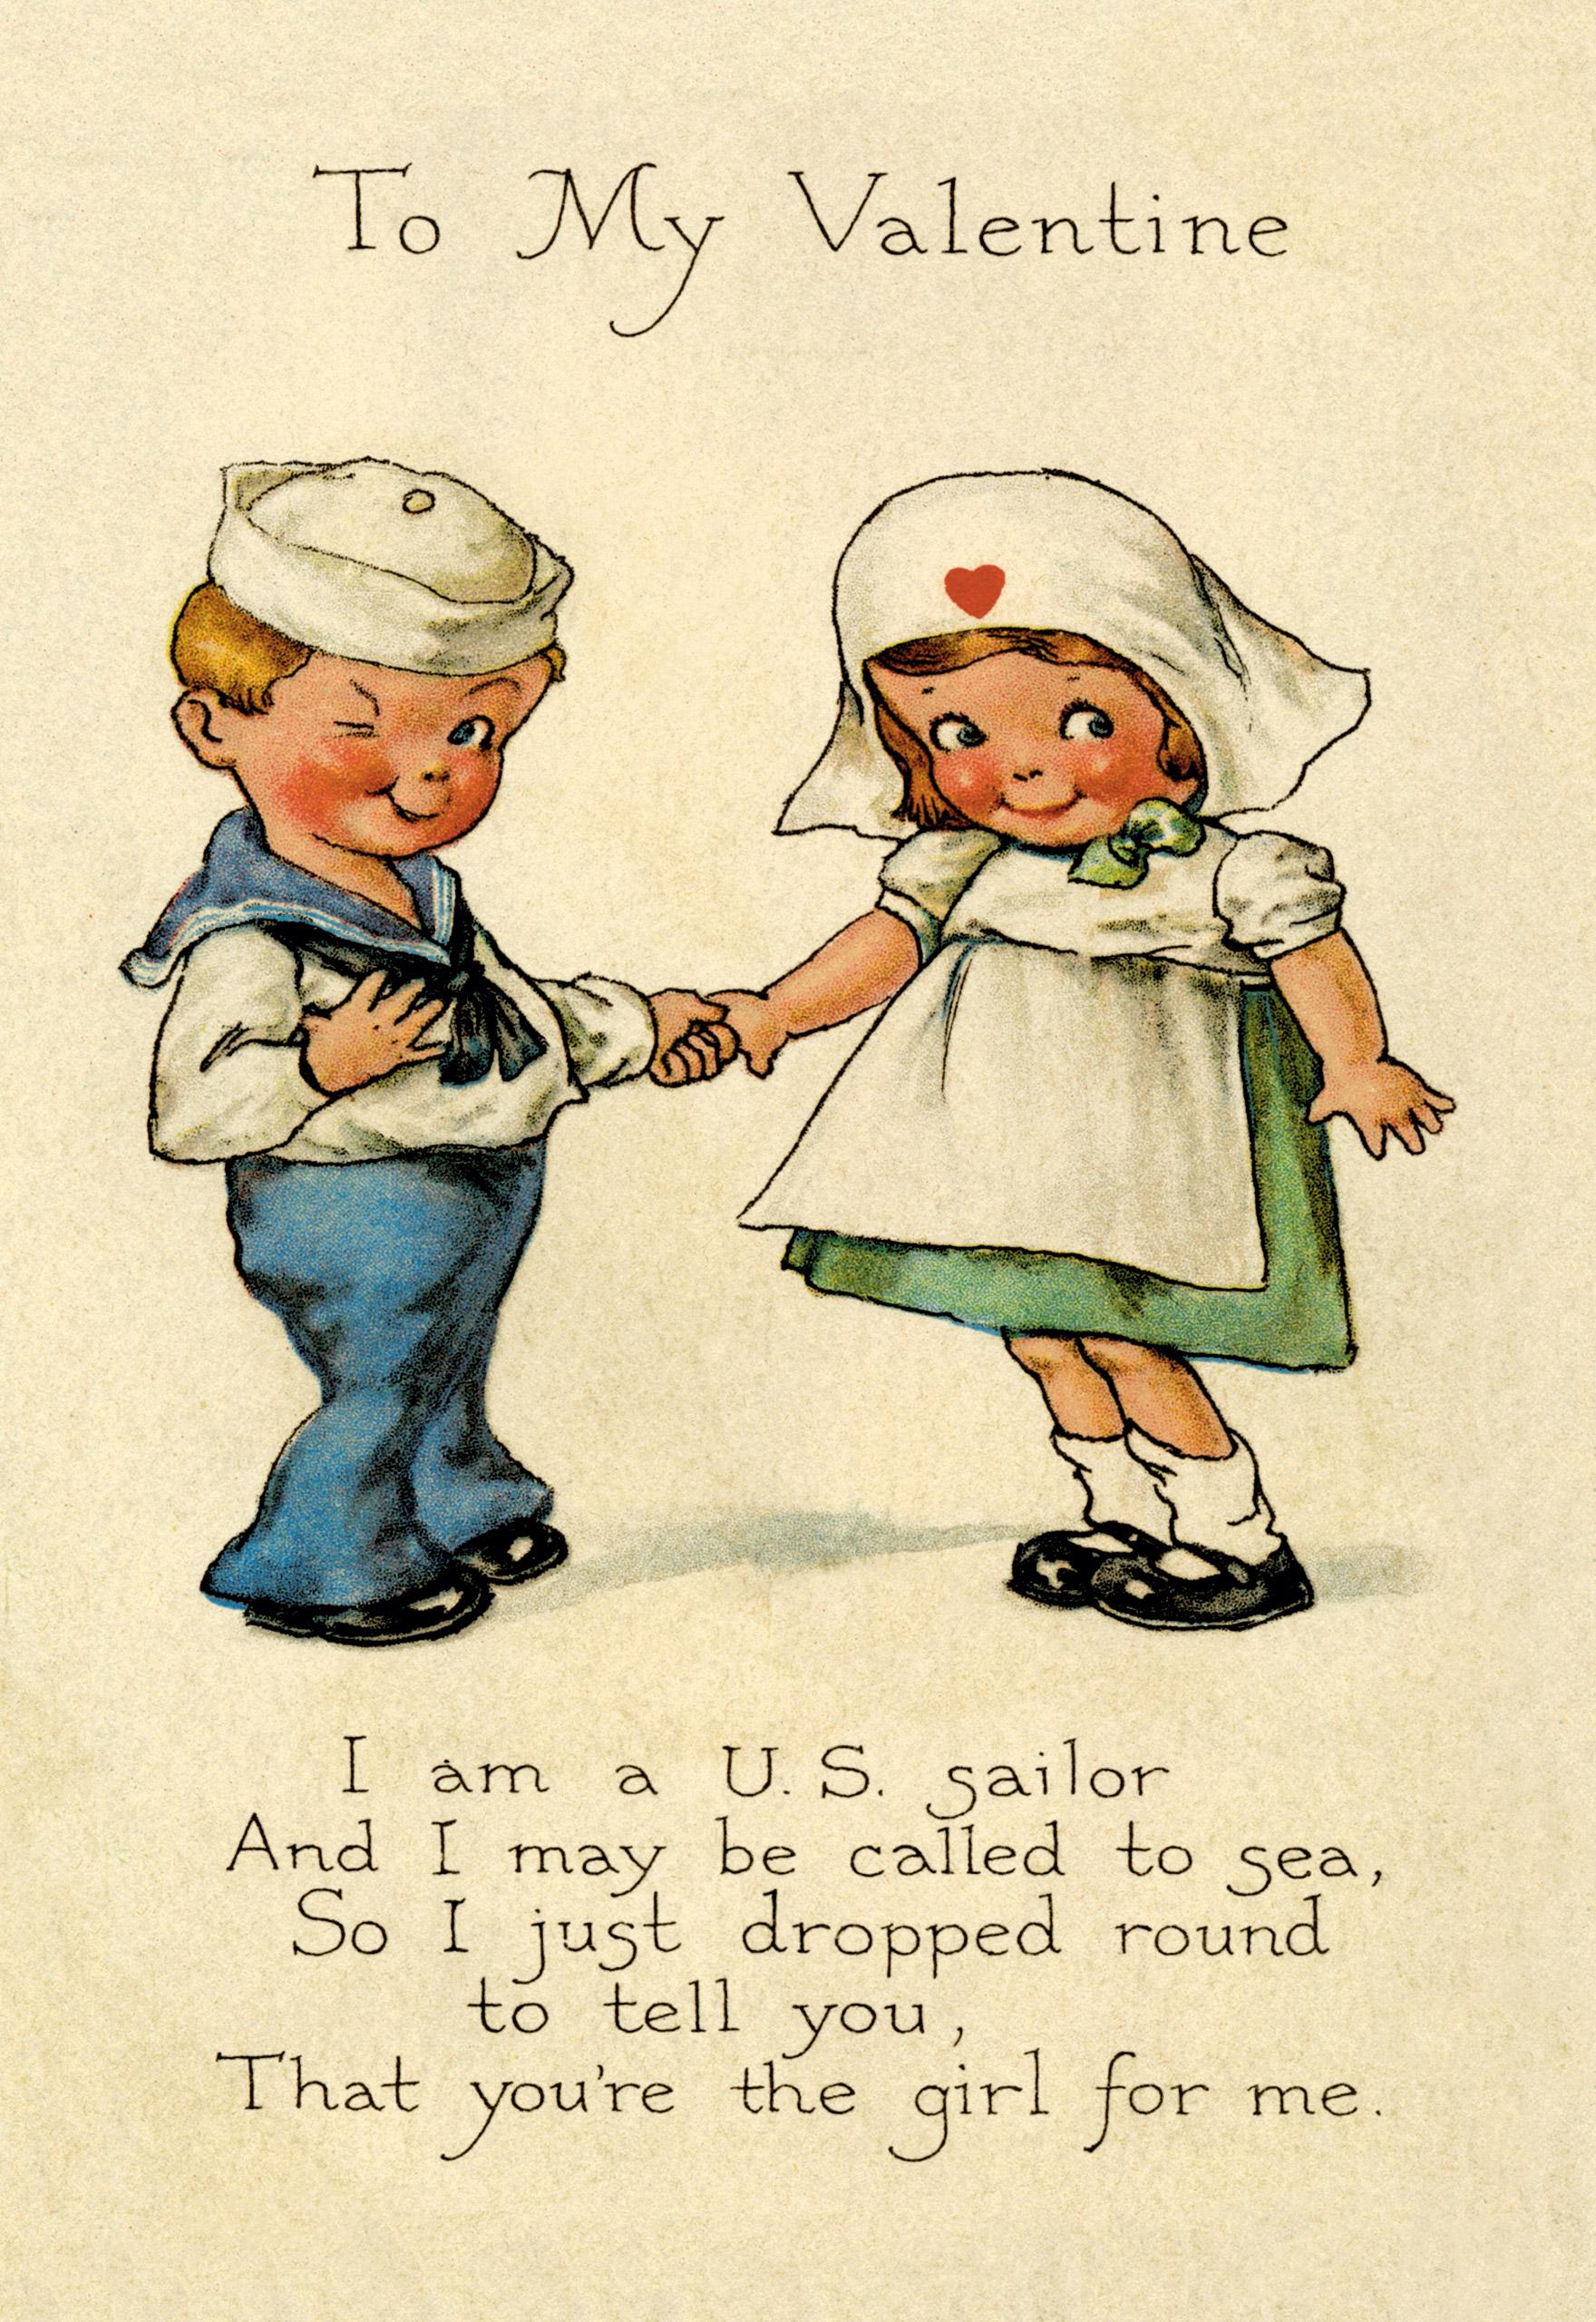 Vintage Valentine's Day card circa 1910.